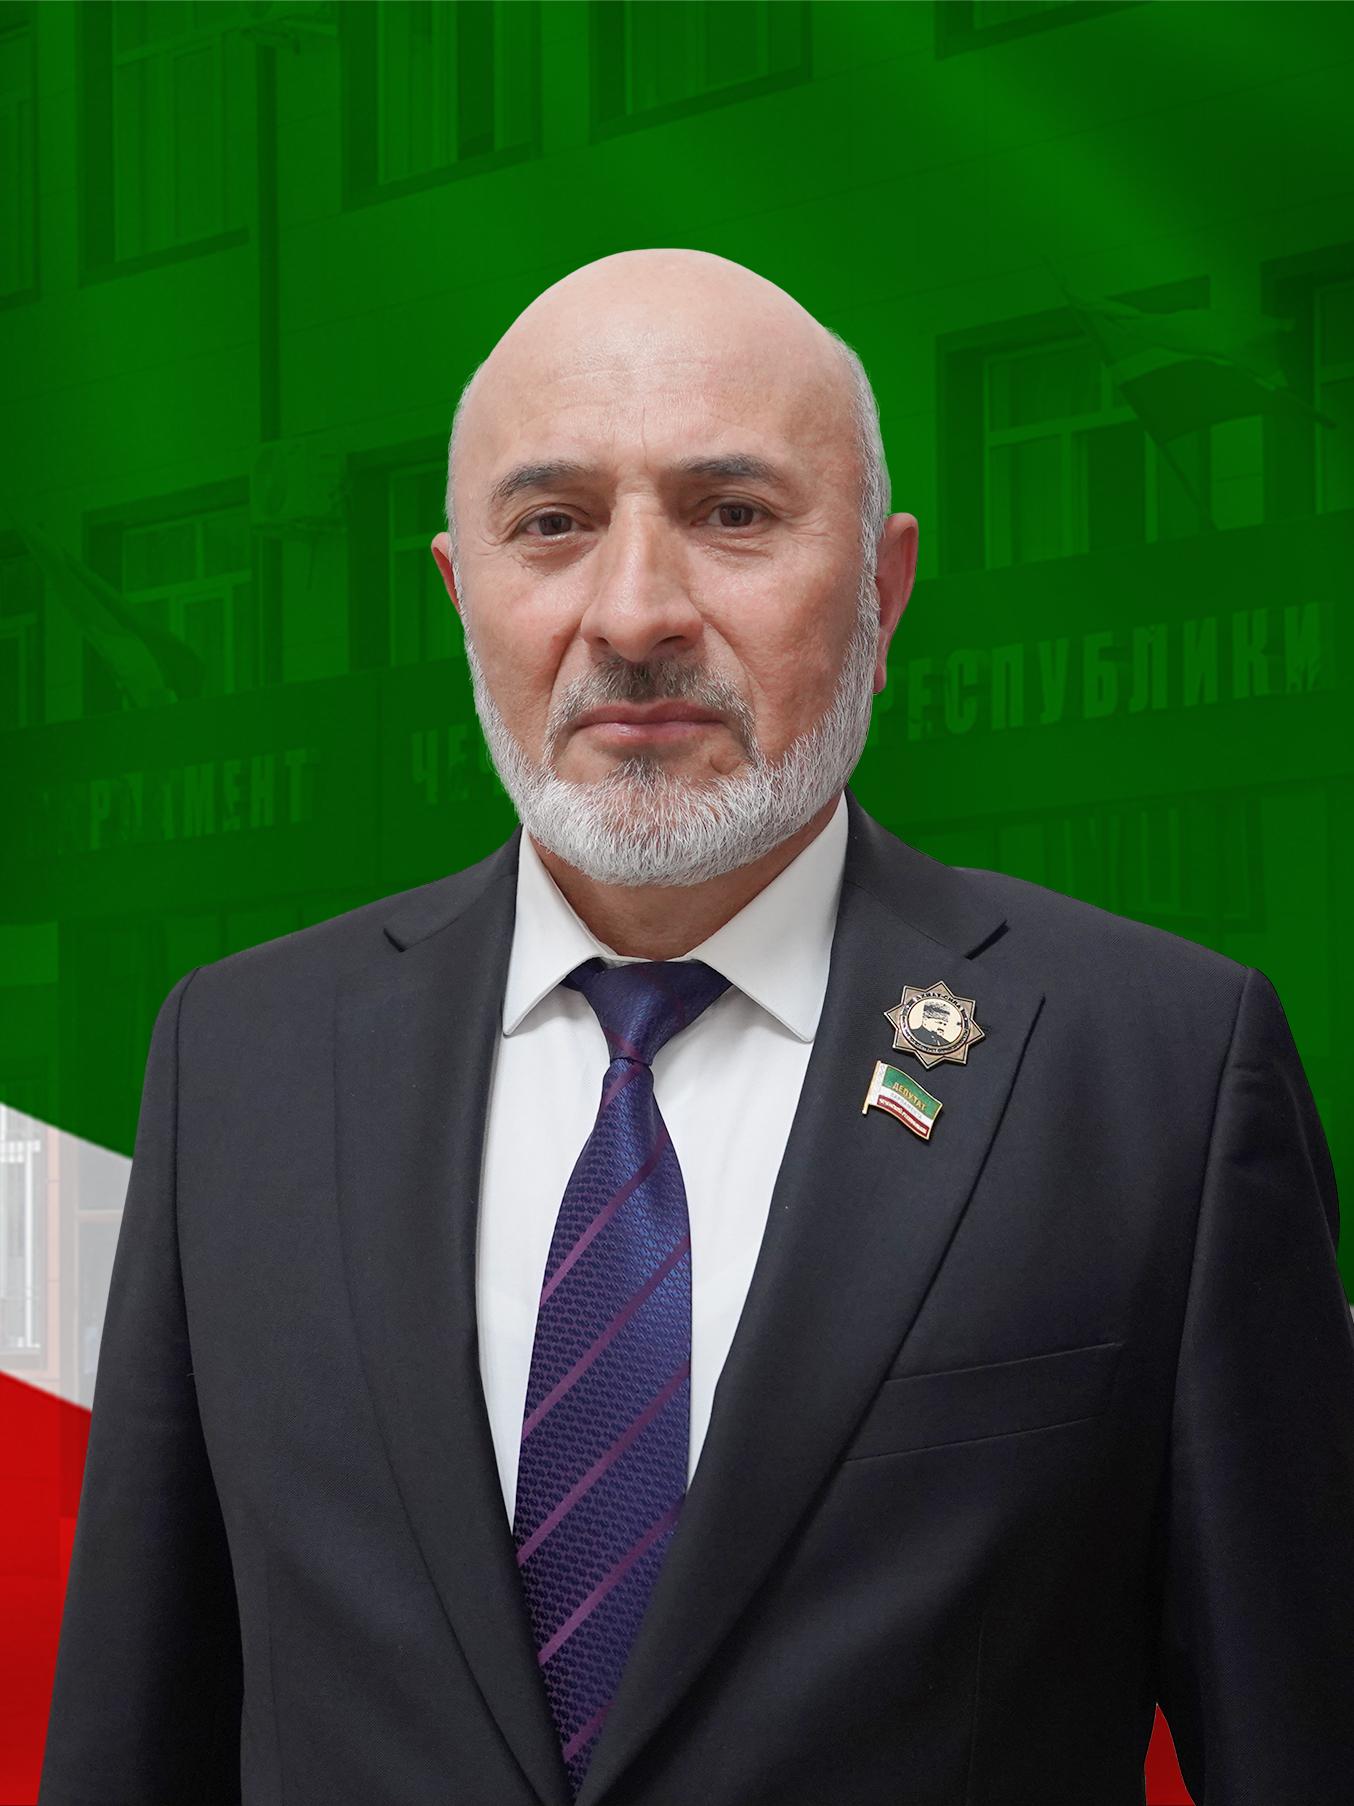 Демилханов Сулумбек Сайтарбиевич